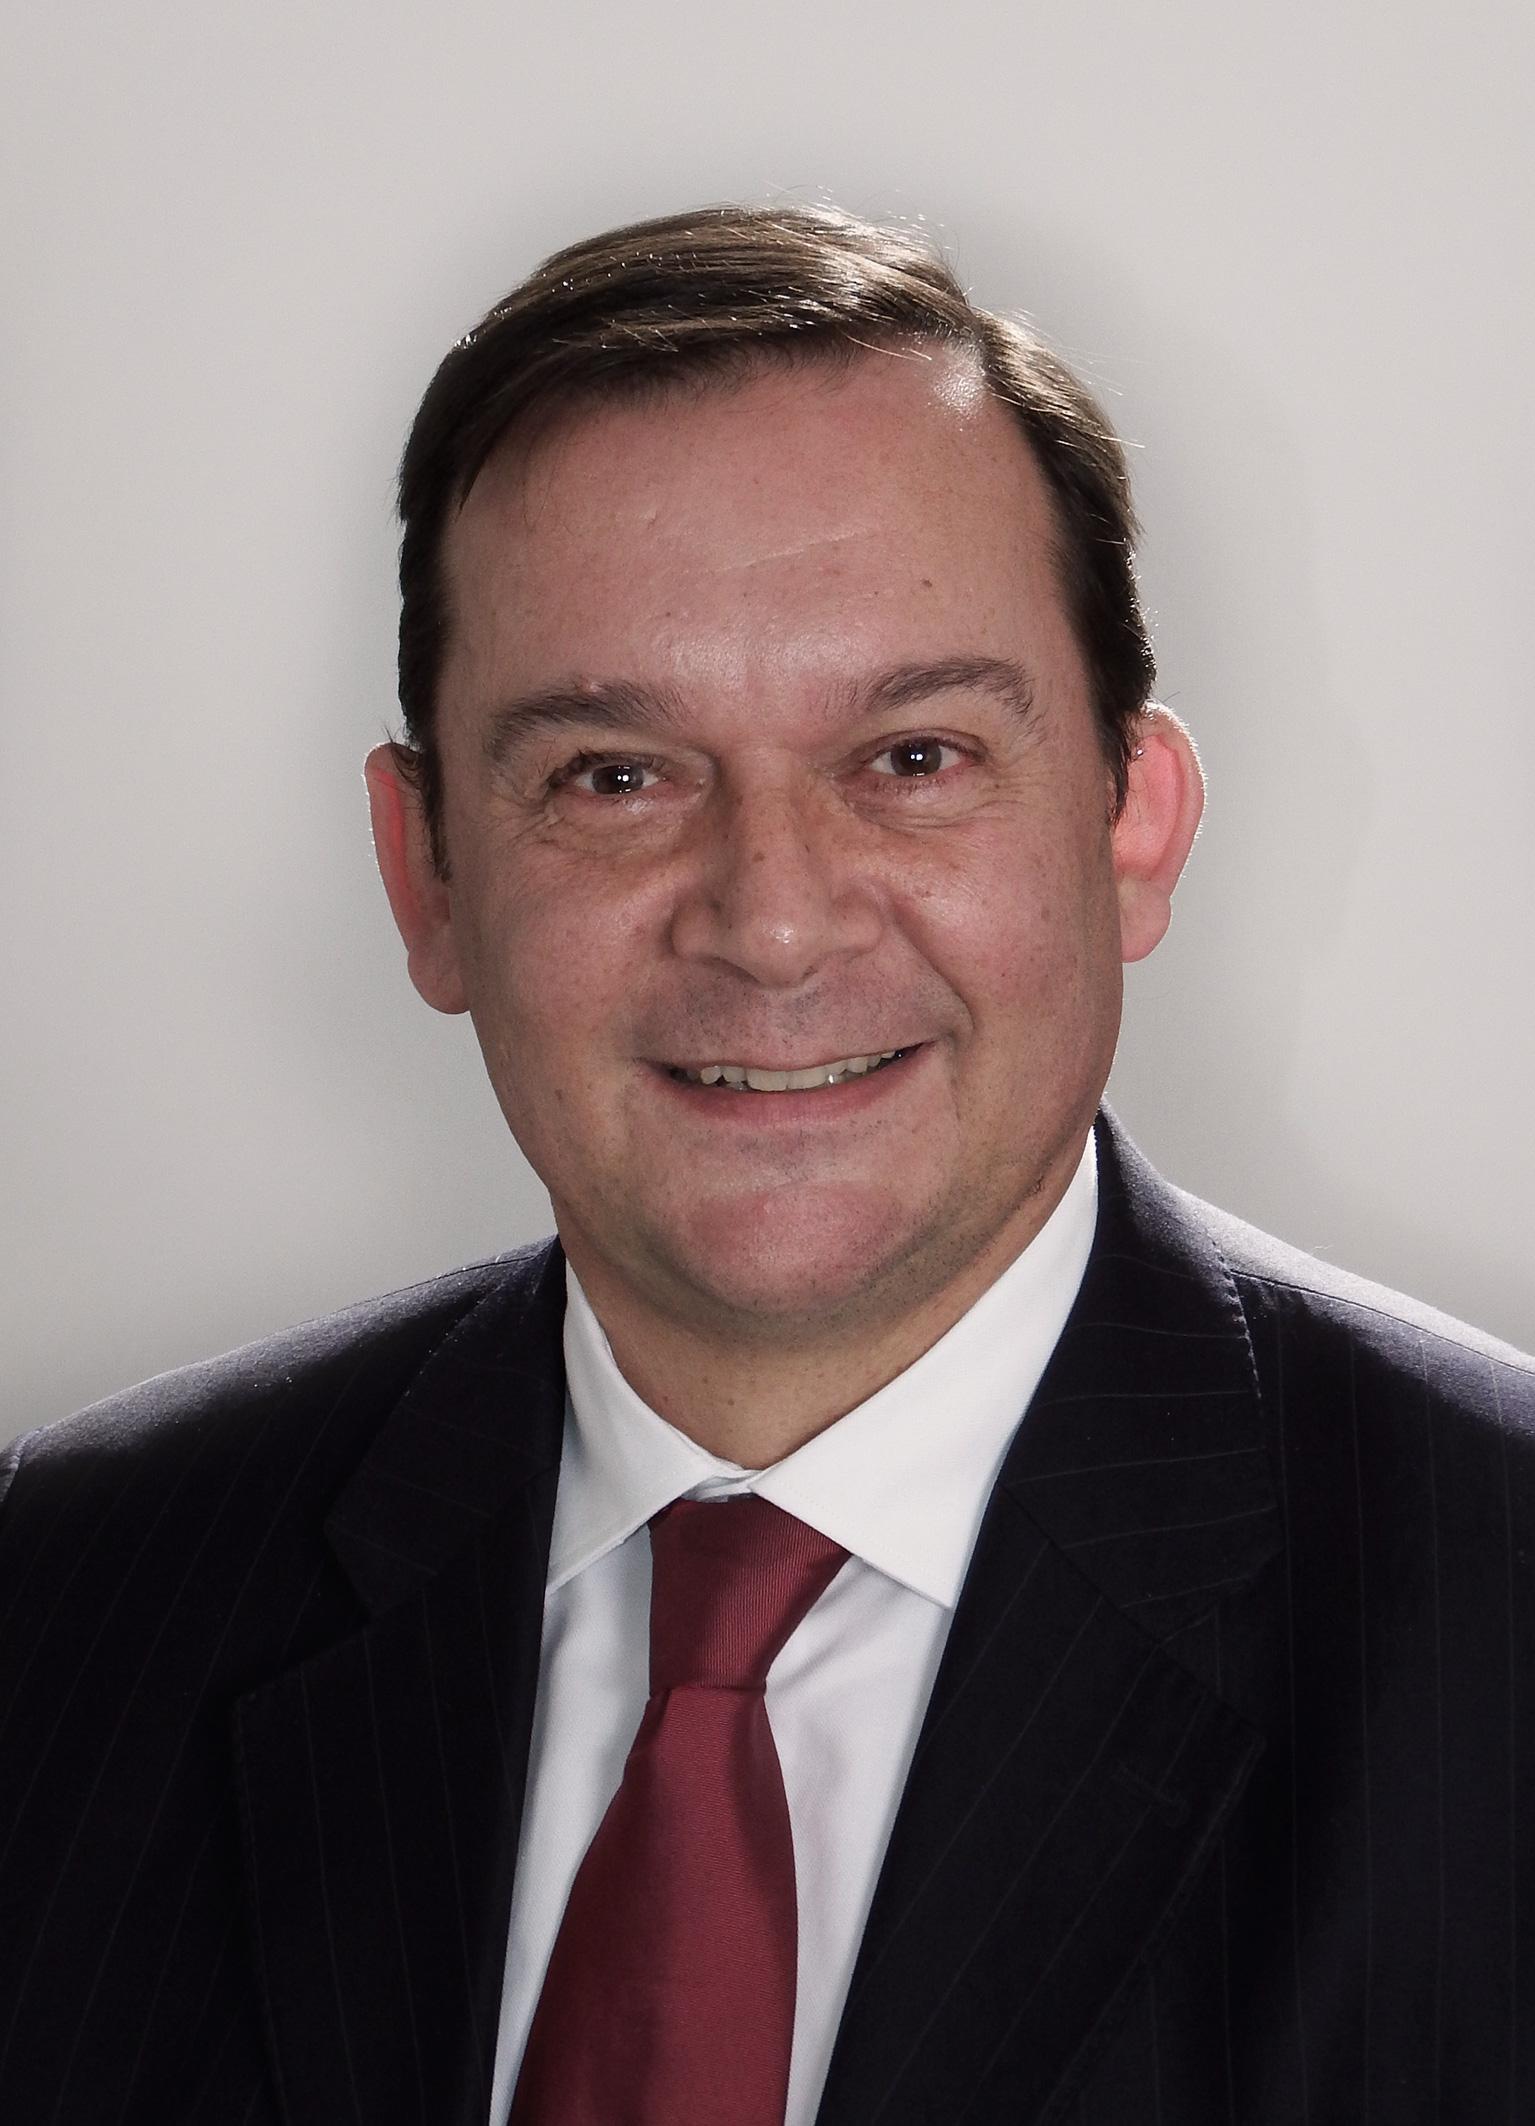 Christophe Posty